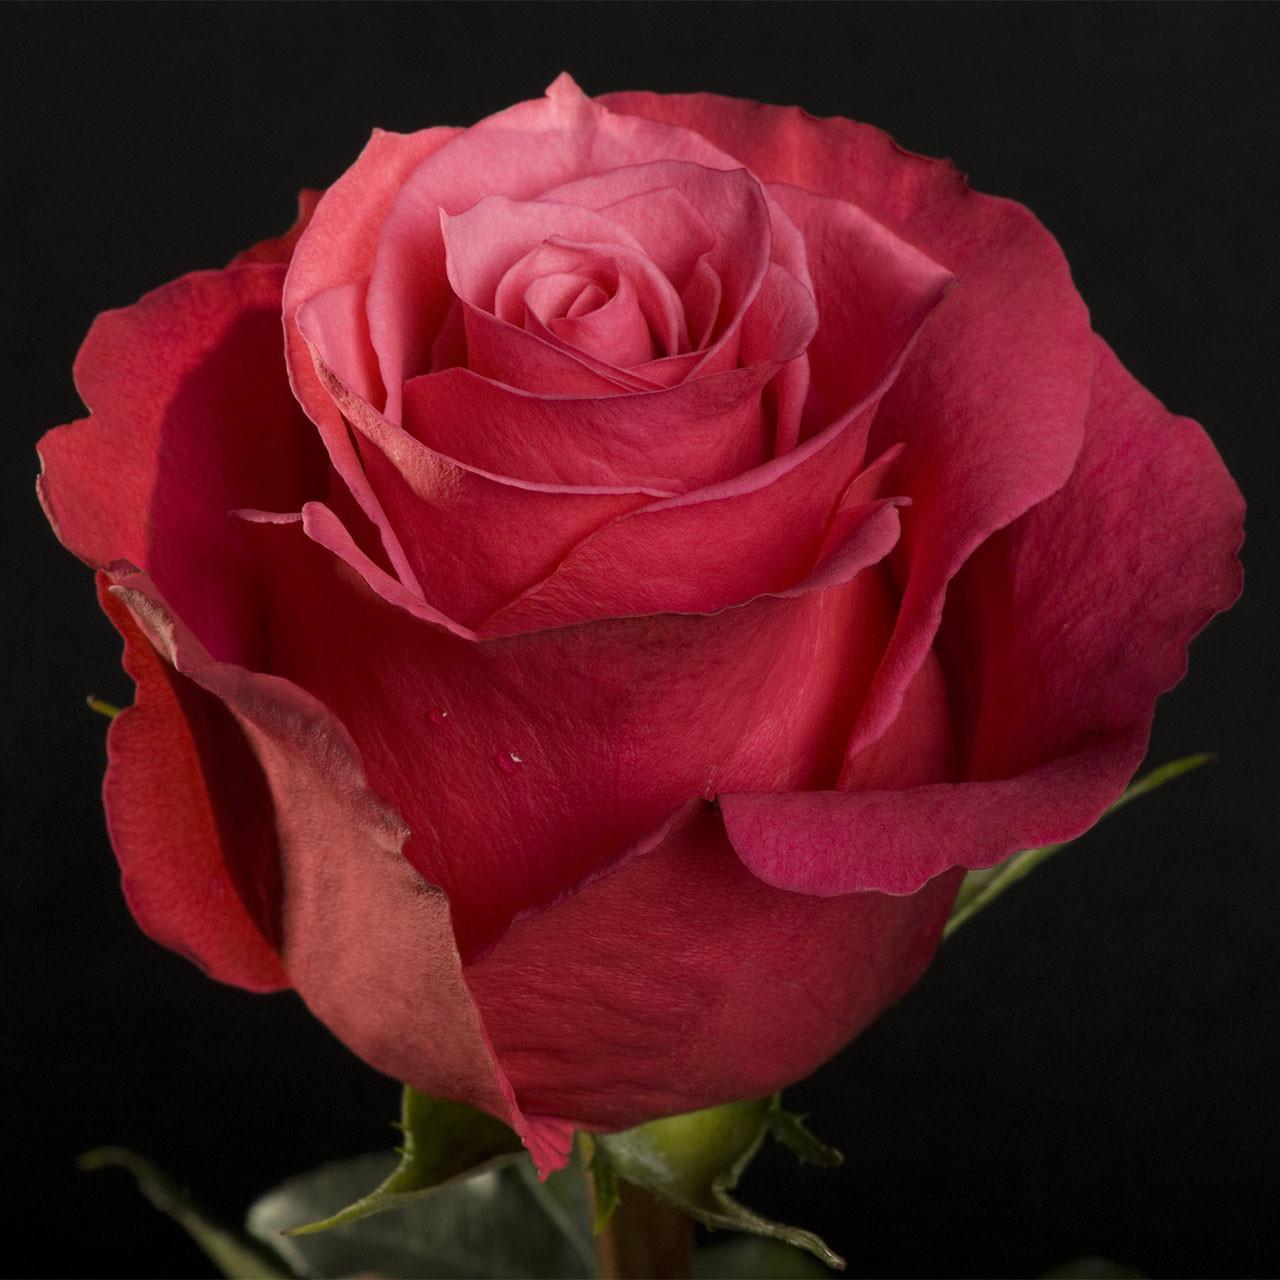 Днепропетровск розы срезаные купить опт обертка для шоколада – подарок мужчине пульт жена